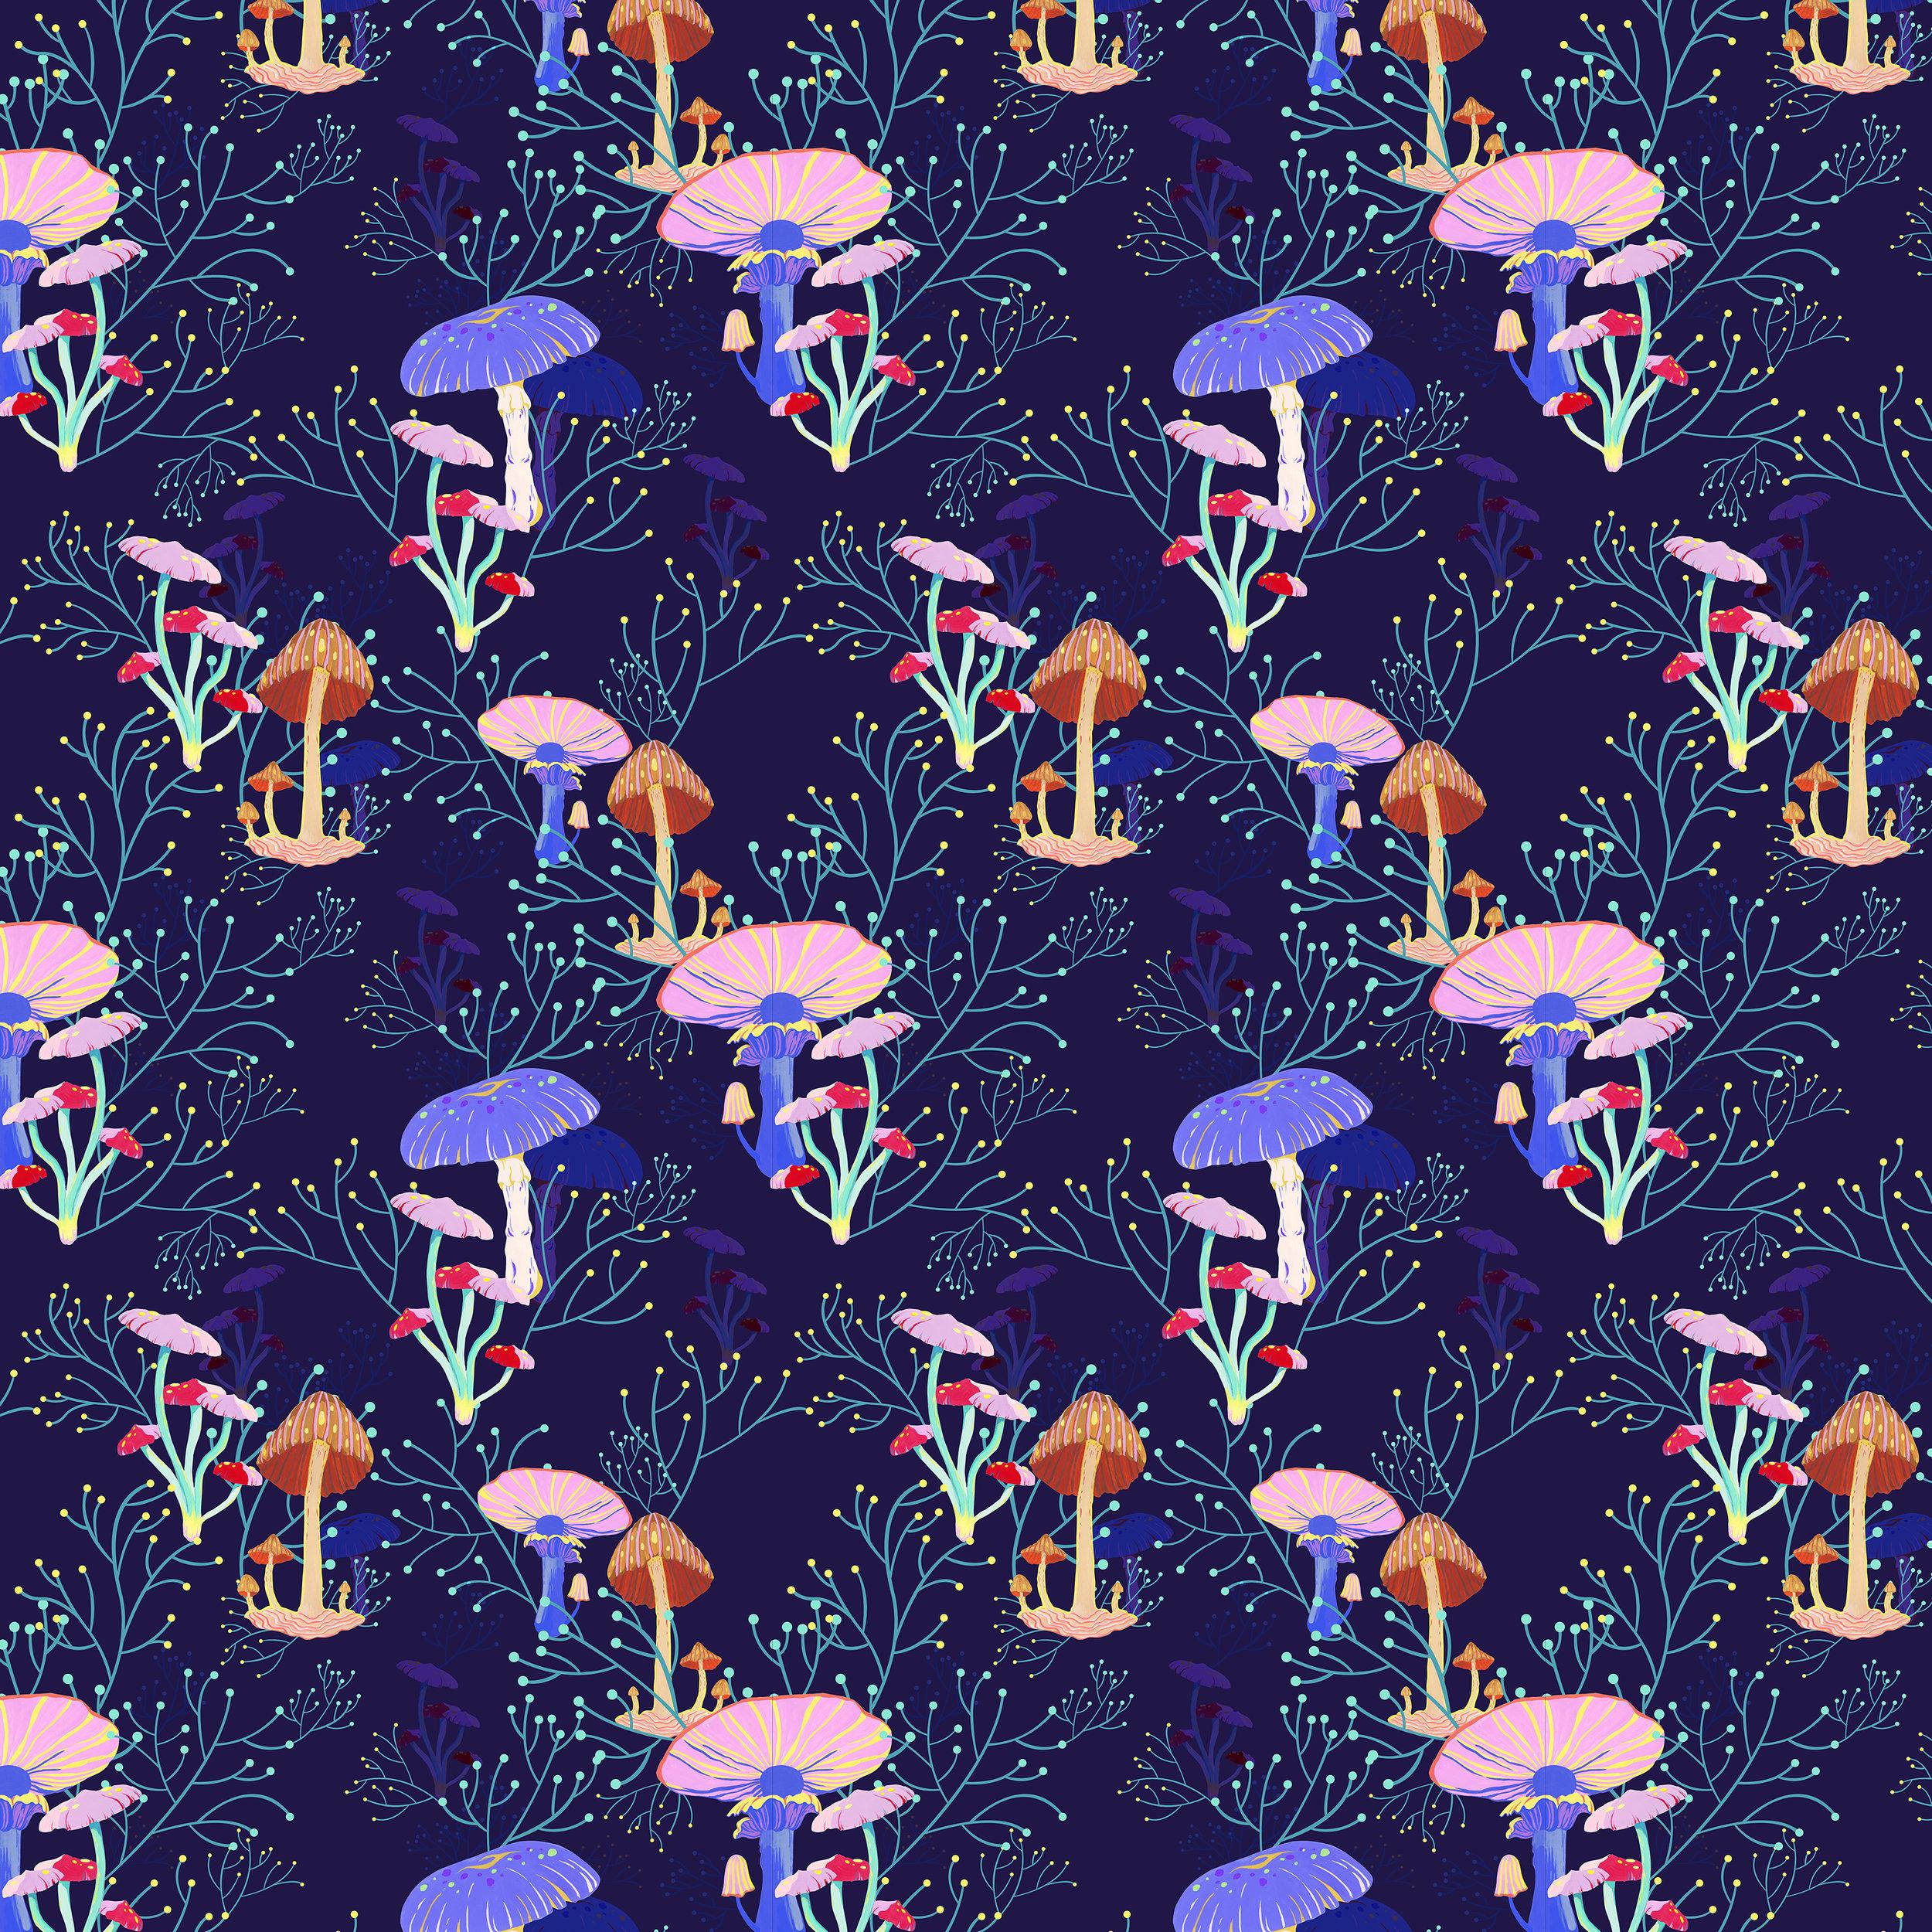 Mushroom_Pattern_Dark.jpg